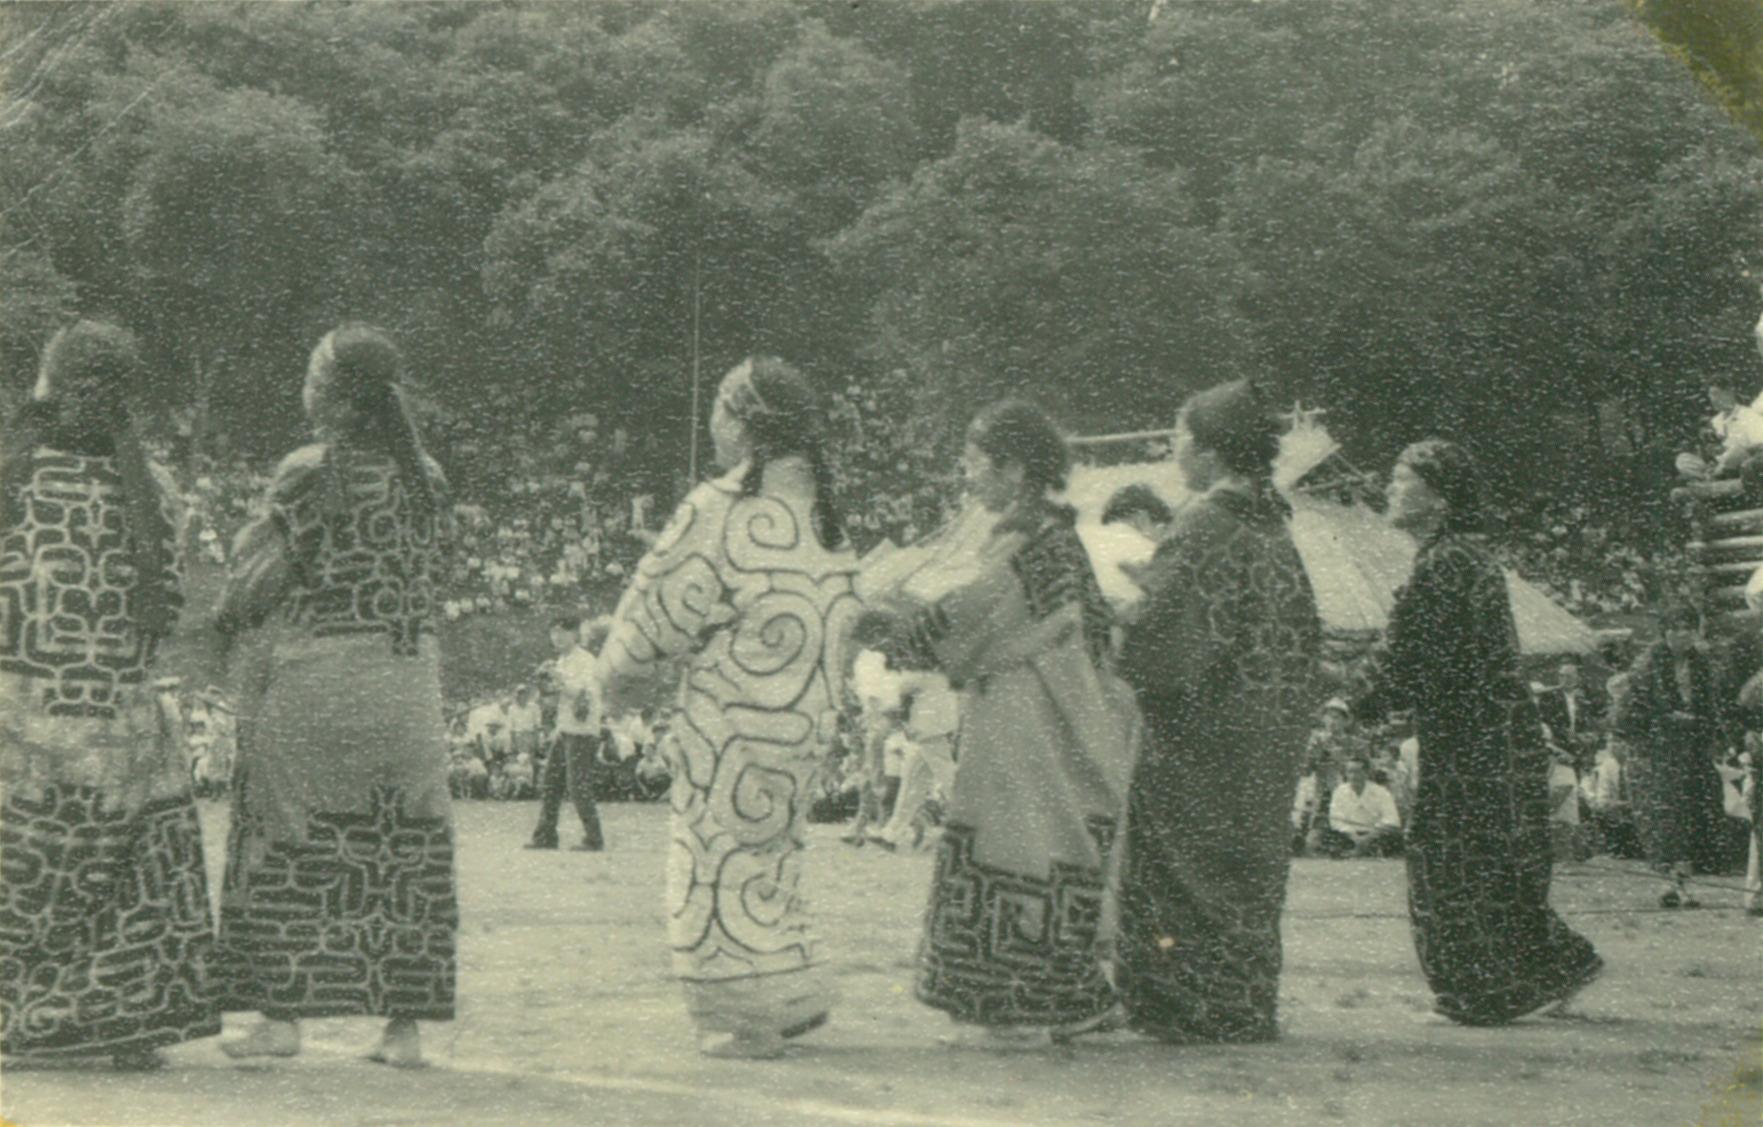 1957年,於平取町本町舉行的熊靈祭(殺死熊或其他動物時,舉行此儀式將其魂魄送往眾神所在的世界。)©二風谷愛努文化博物館